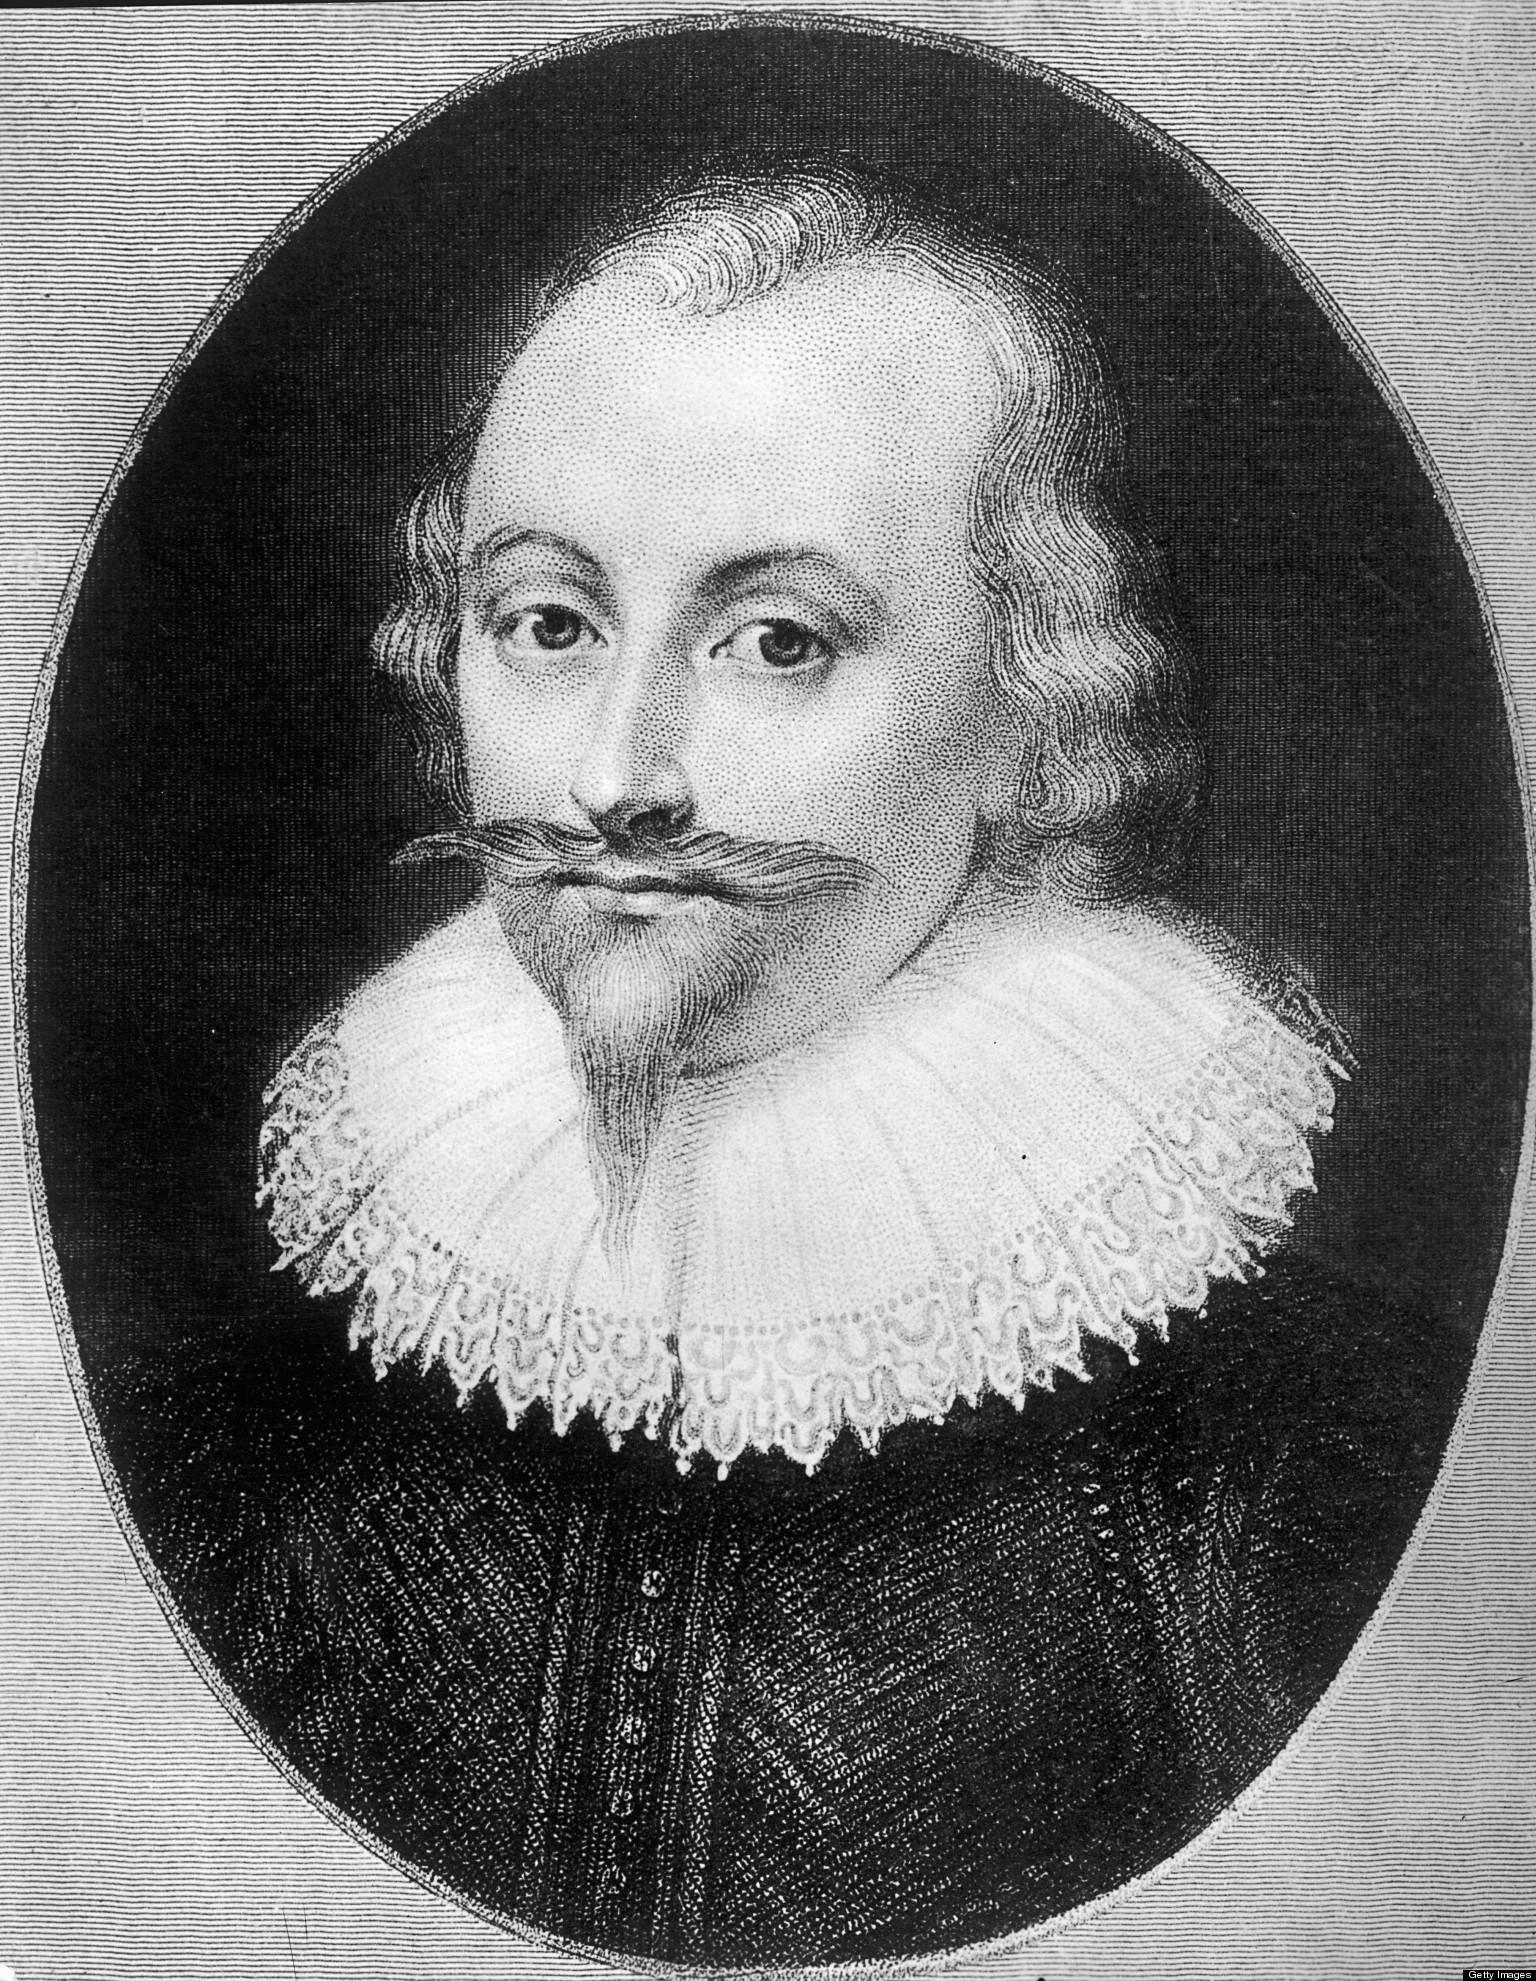 essay william shakespeare William Shakespeare Biography Essay